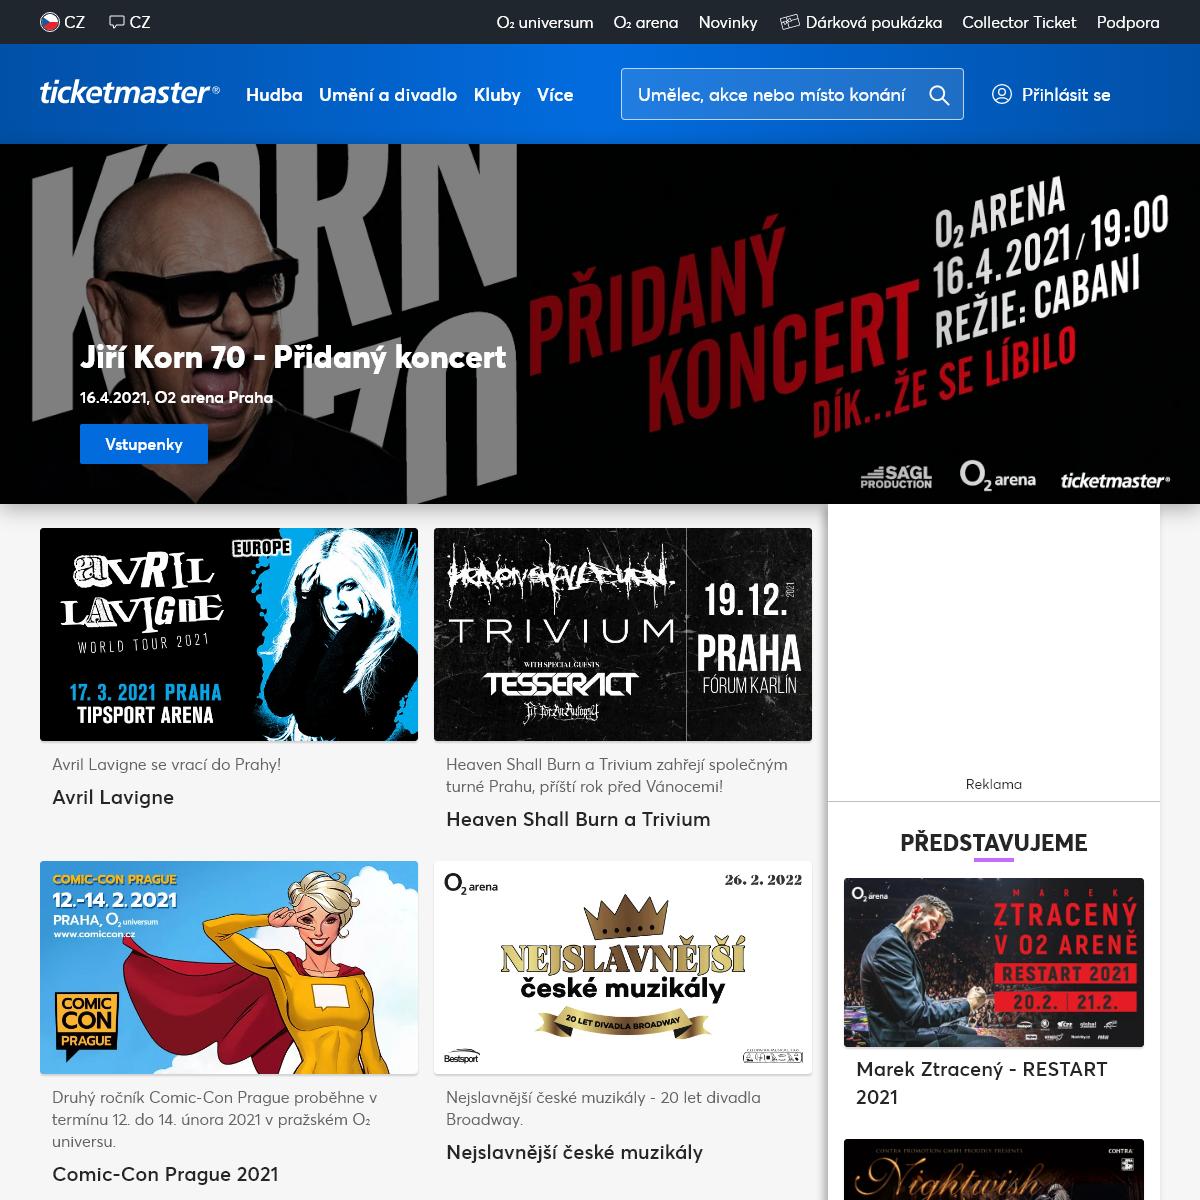 Vstupenky na koncerty, divadla, festivaly a kulturu - Ticketmaster (dříve Ticketpro)